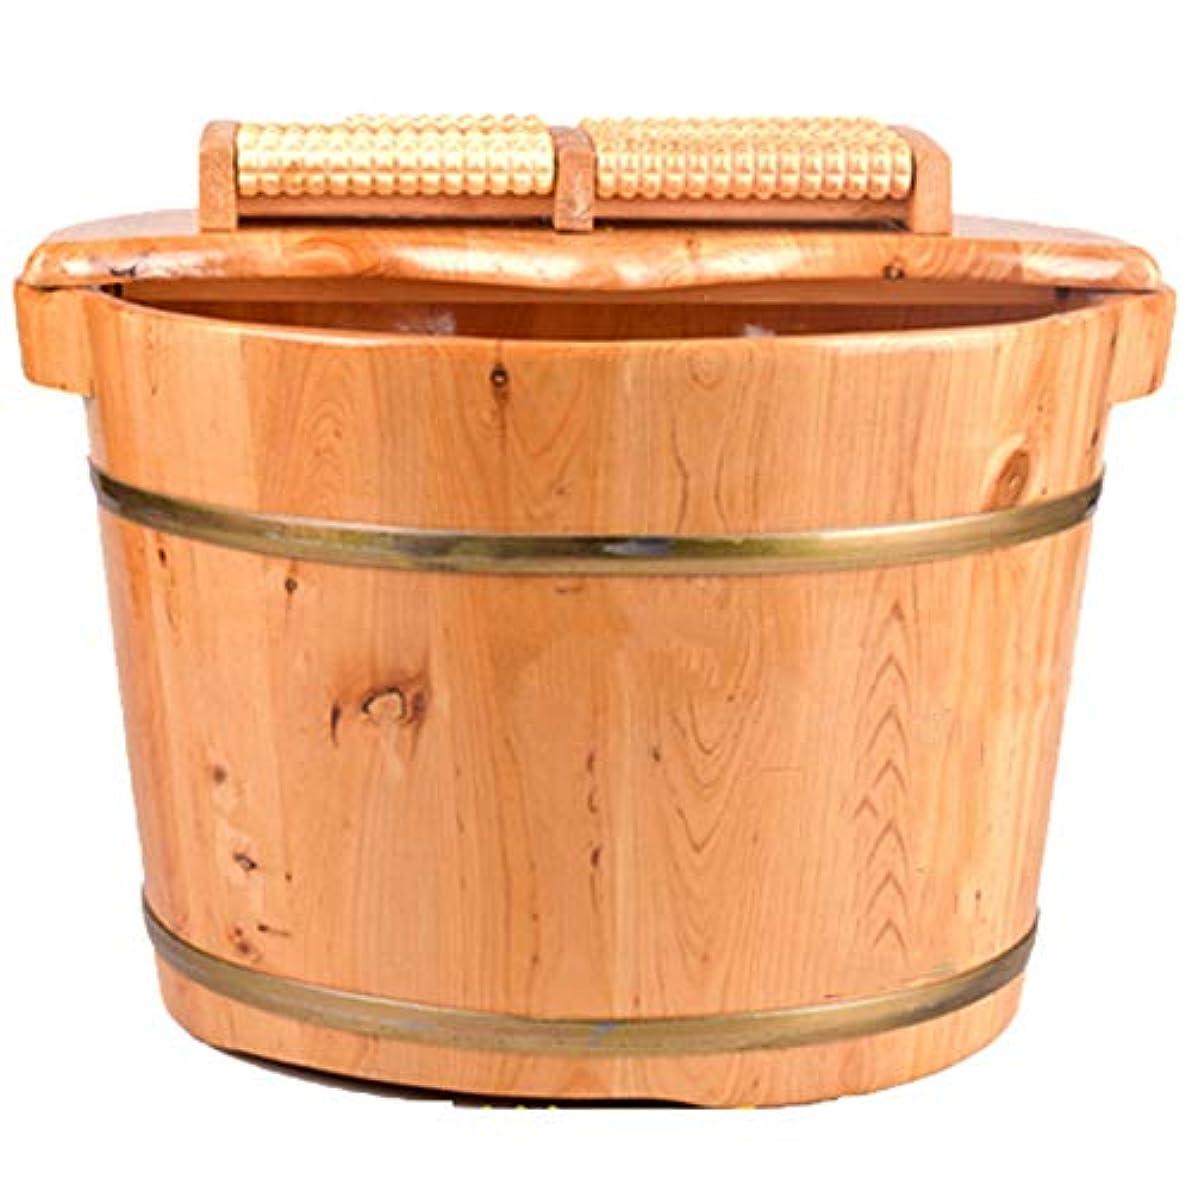 光の読者サドルペディキュア盆地,軽量の木製家庭の木製の樽の足湯バスソリッドウッドの木管大人のトランペット